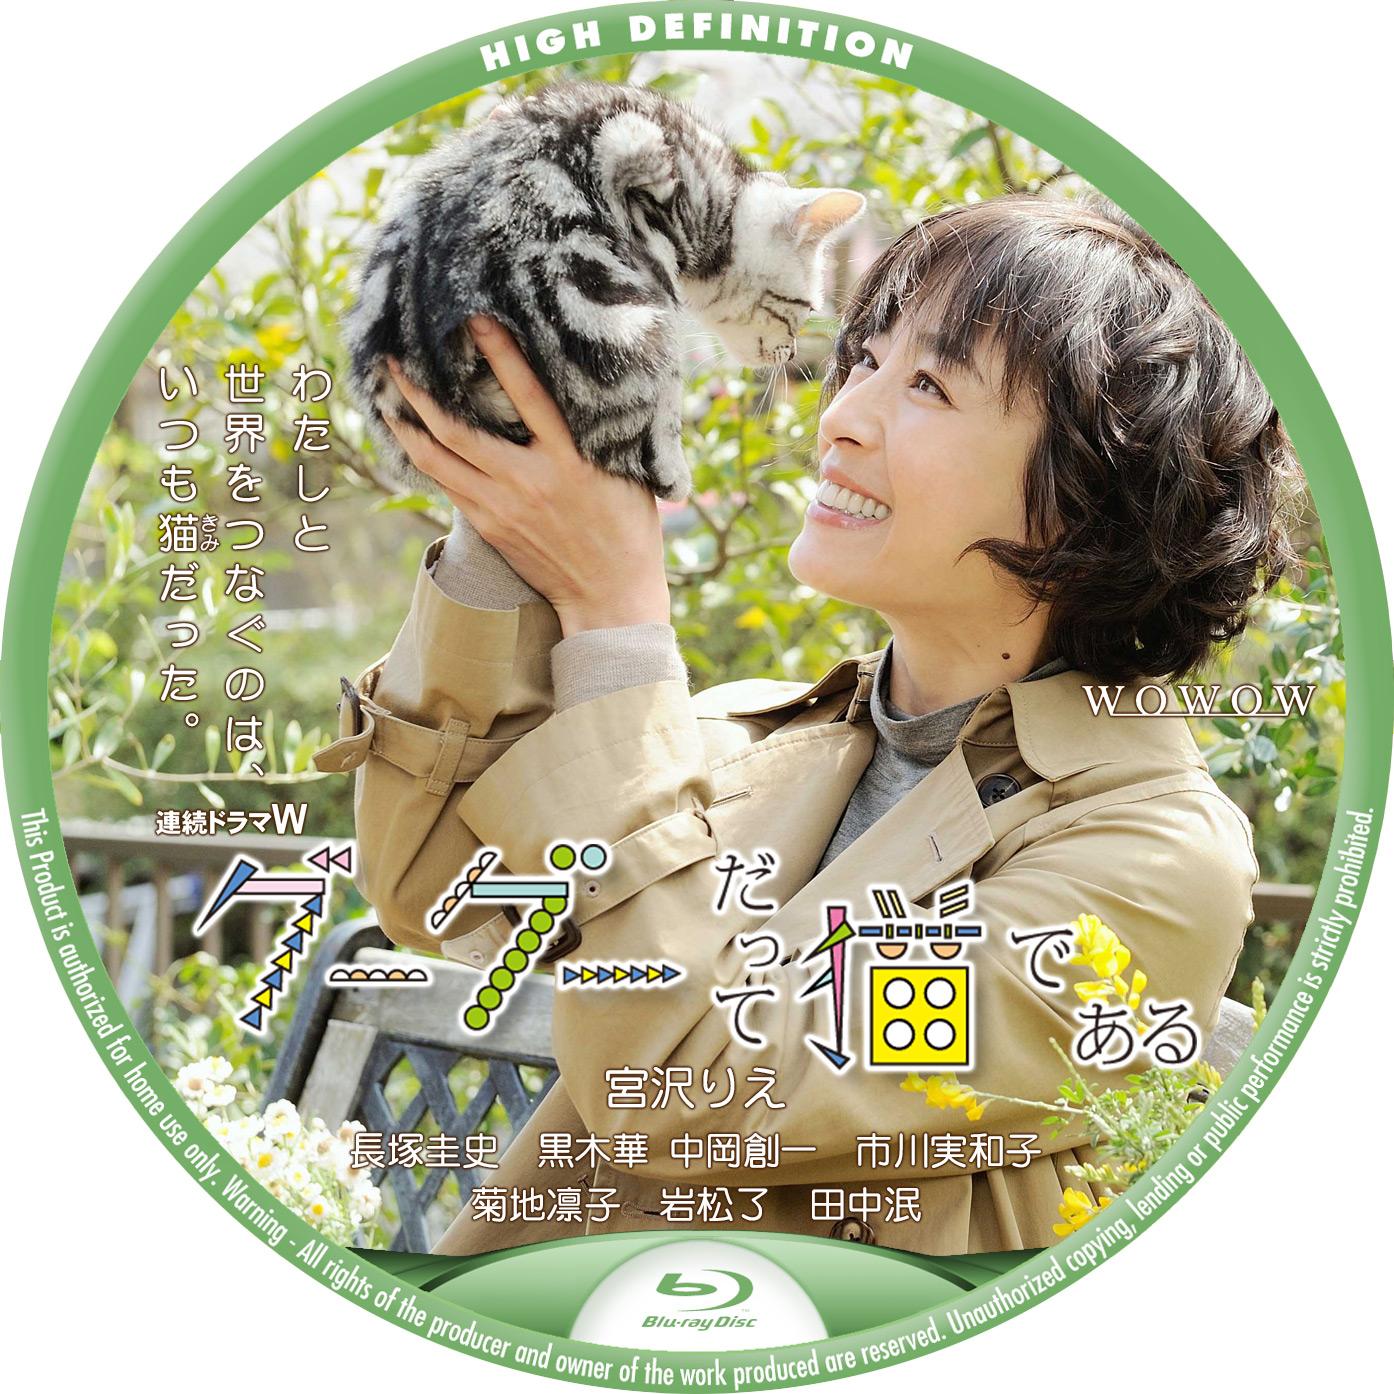 グーグーだって猫である WOWOW Blu-ray BDラベル